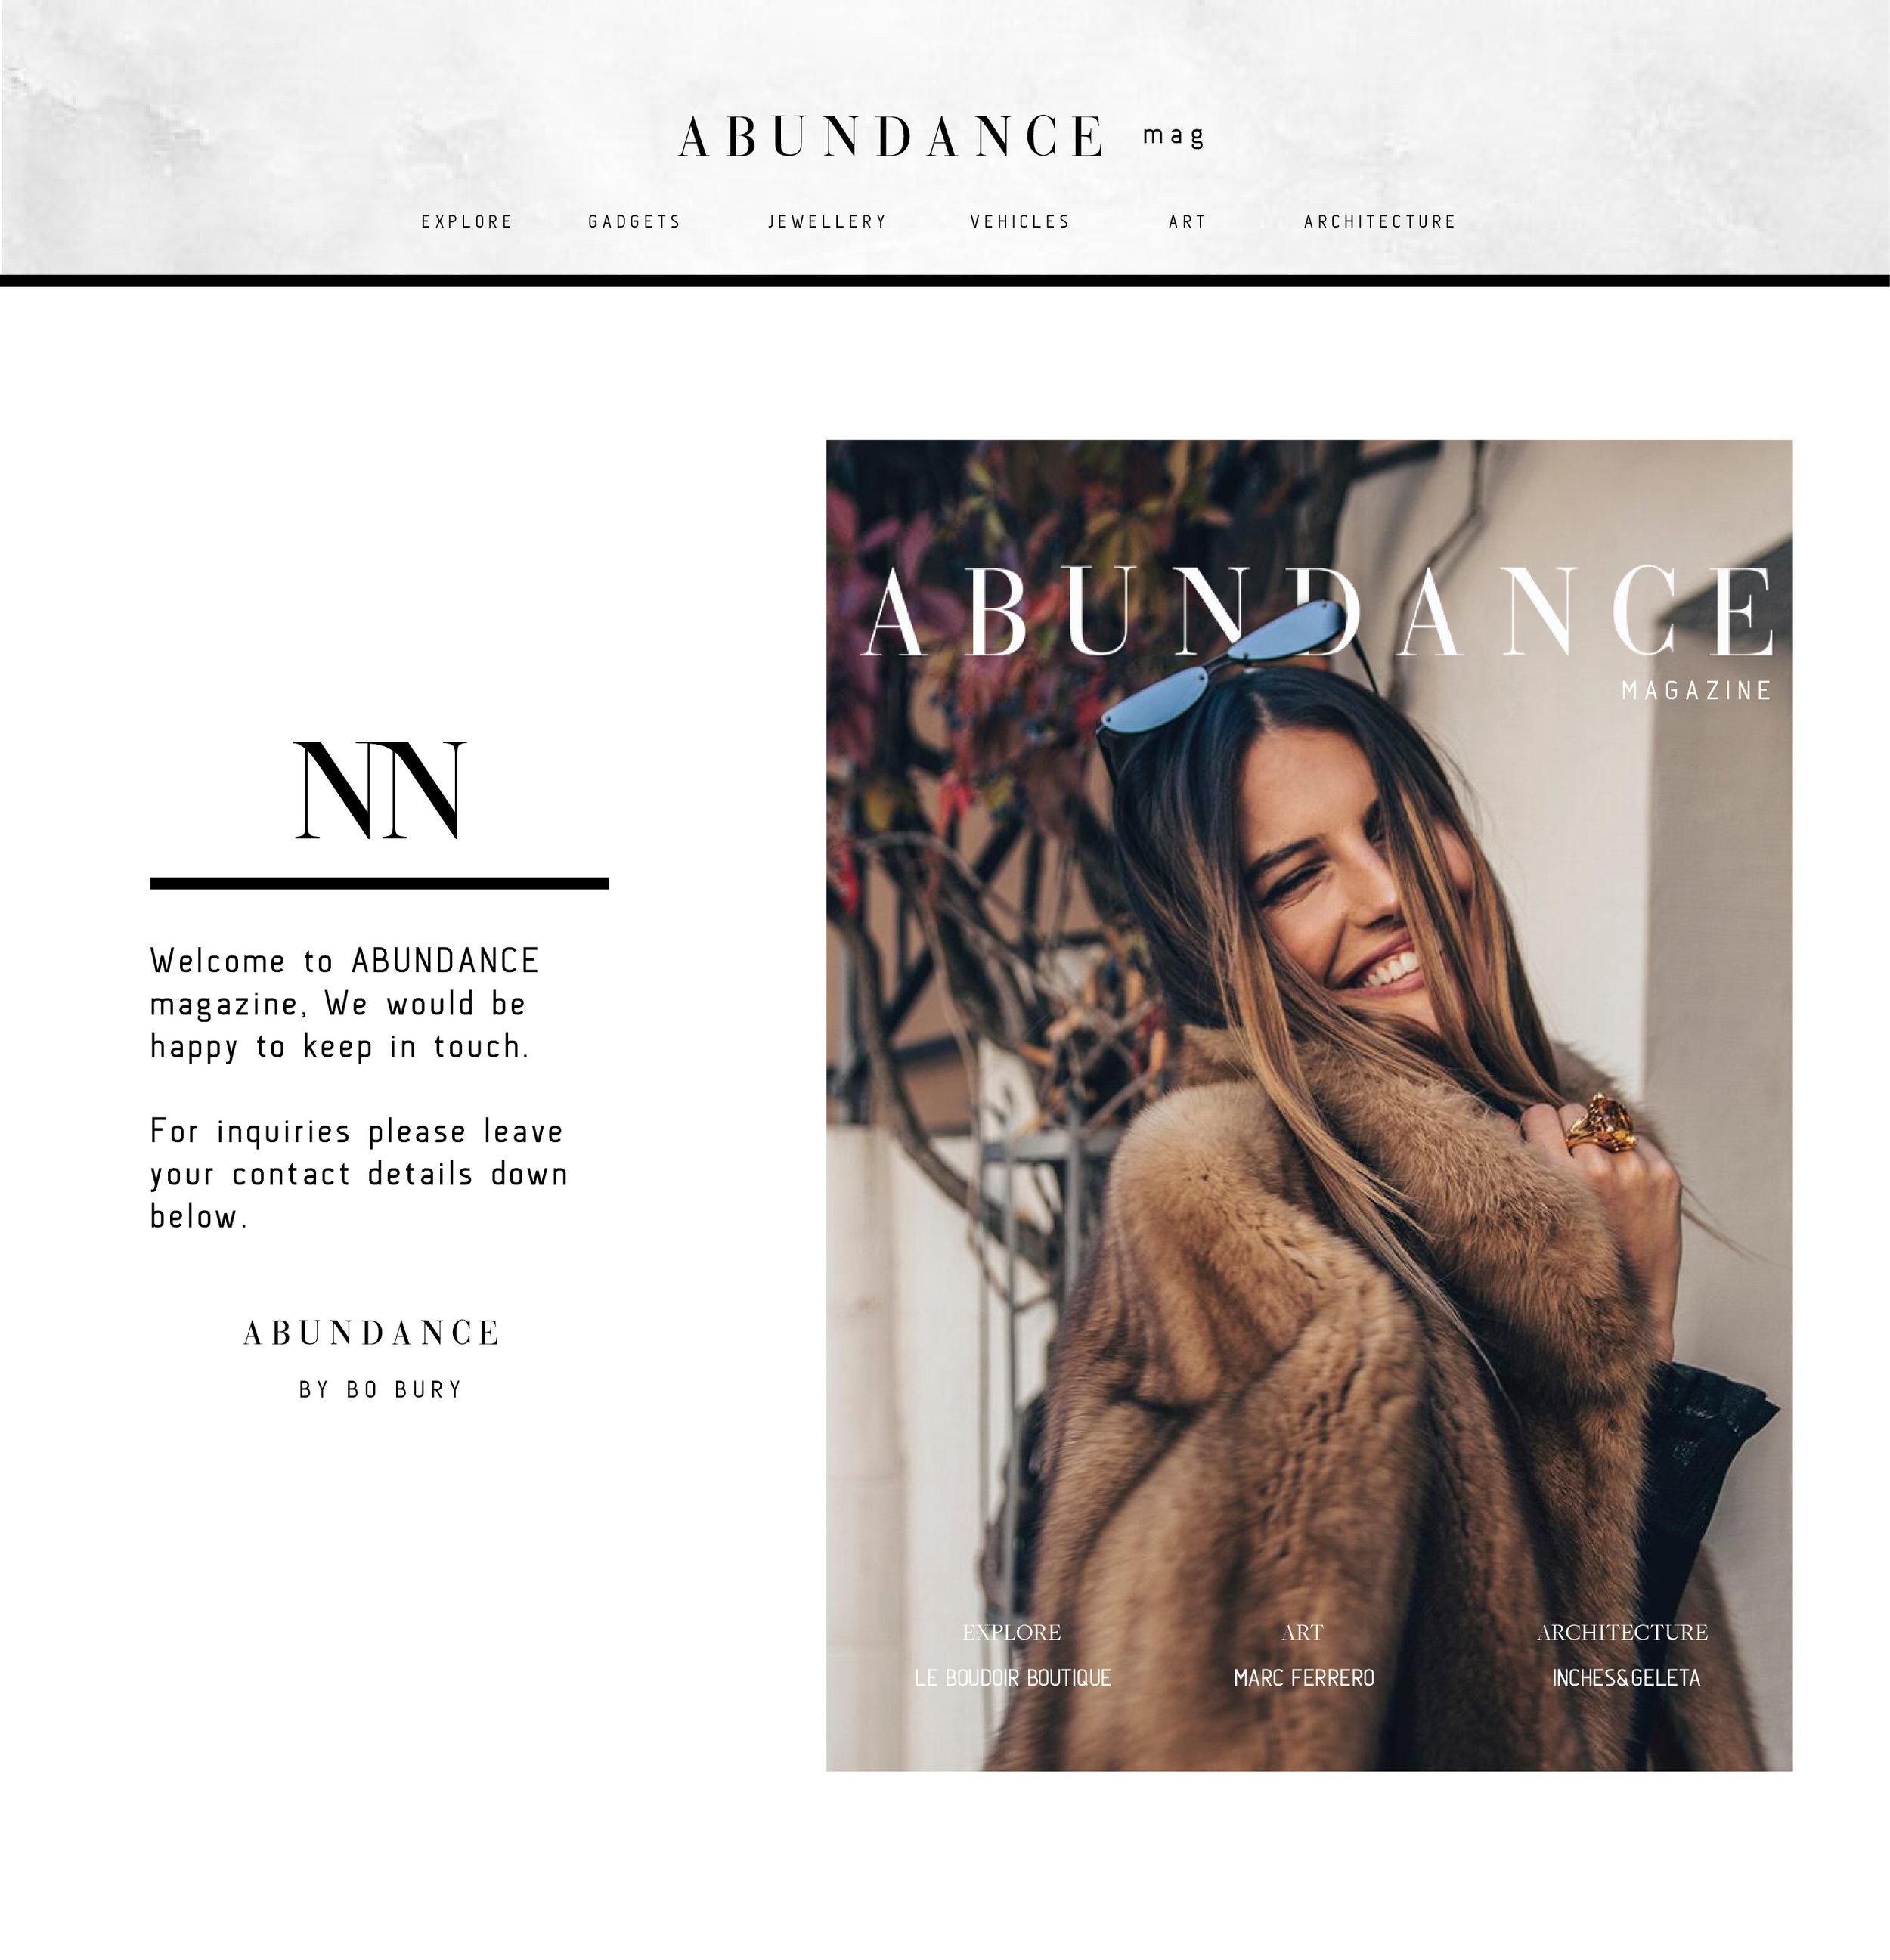 ABUNDANCE MAG_01.jpg